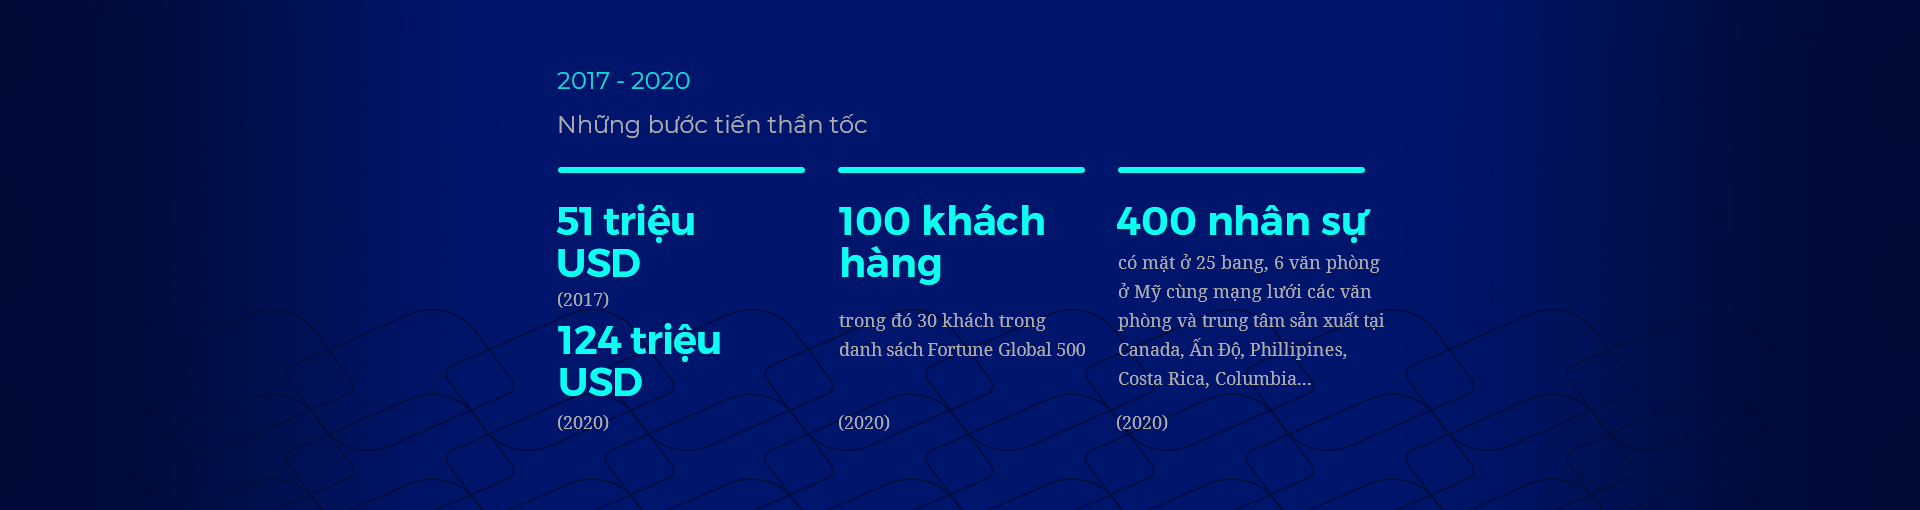 FPT America: Hành trình khẳng định trí tuệ Việt ở thủ phủ công nghệ thế giới - Ảnh 5.